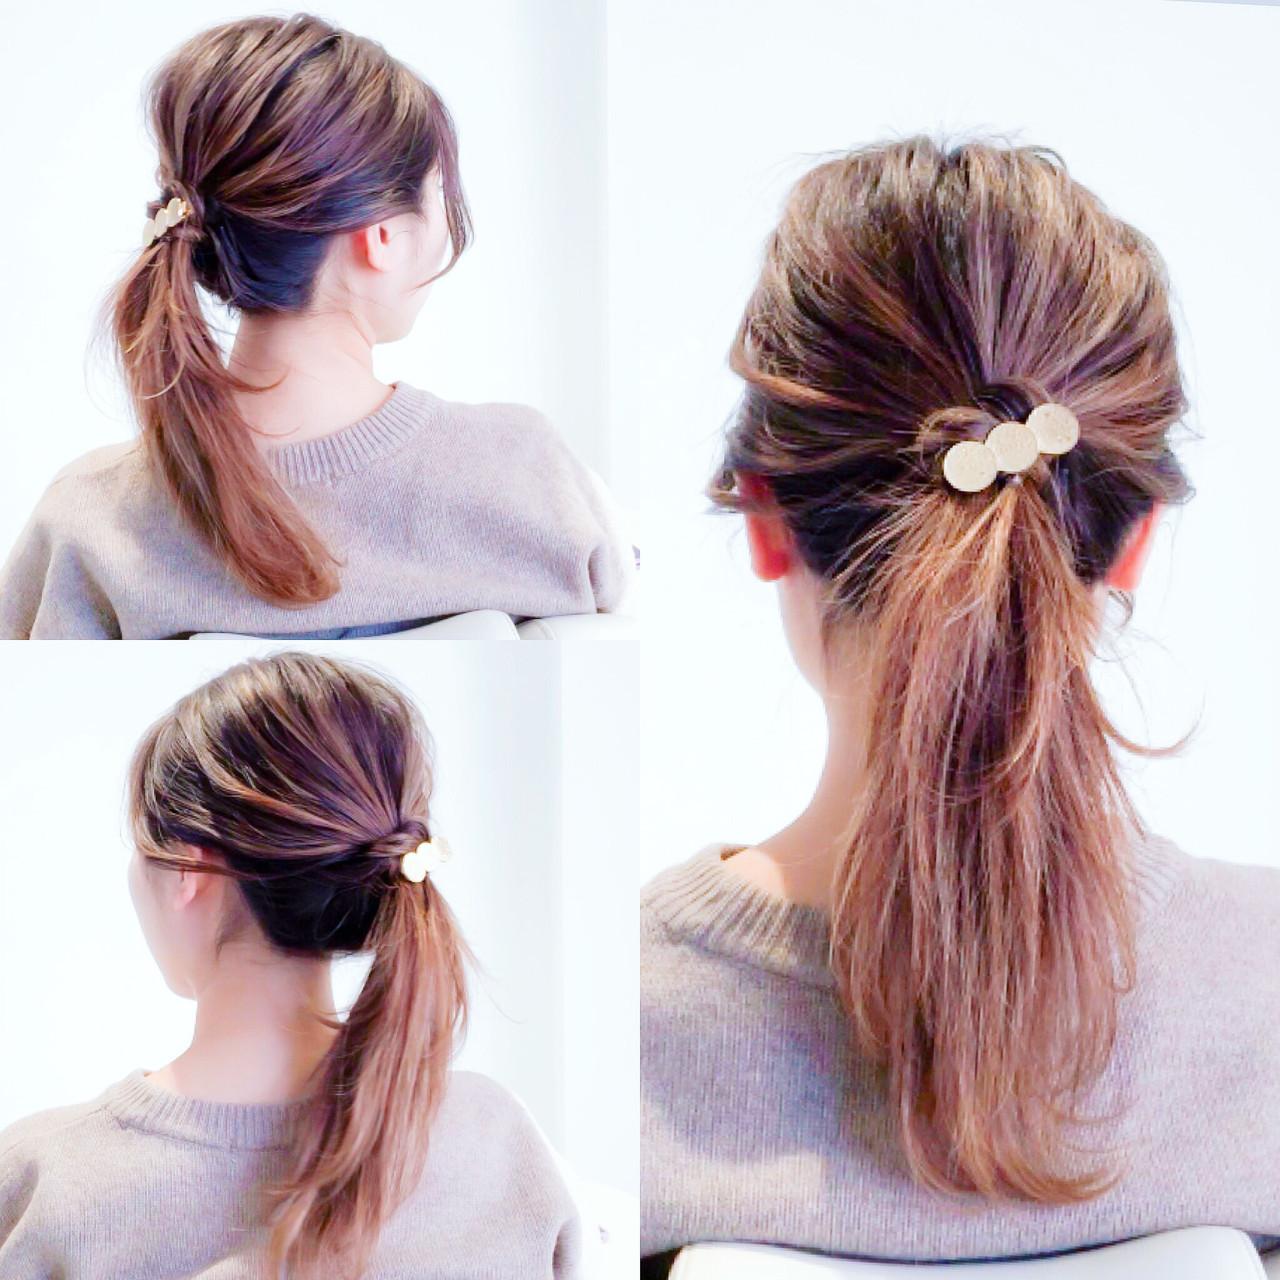 ロング フェミニン ポニーテール ヘアアレンジ ヘアスタイルや髪型の写真・画像